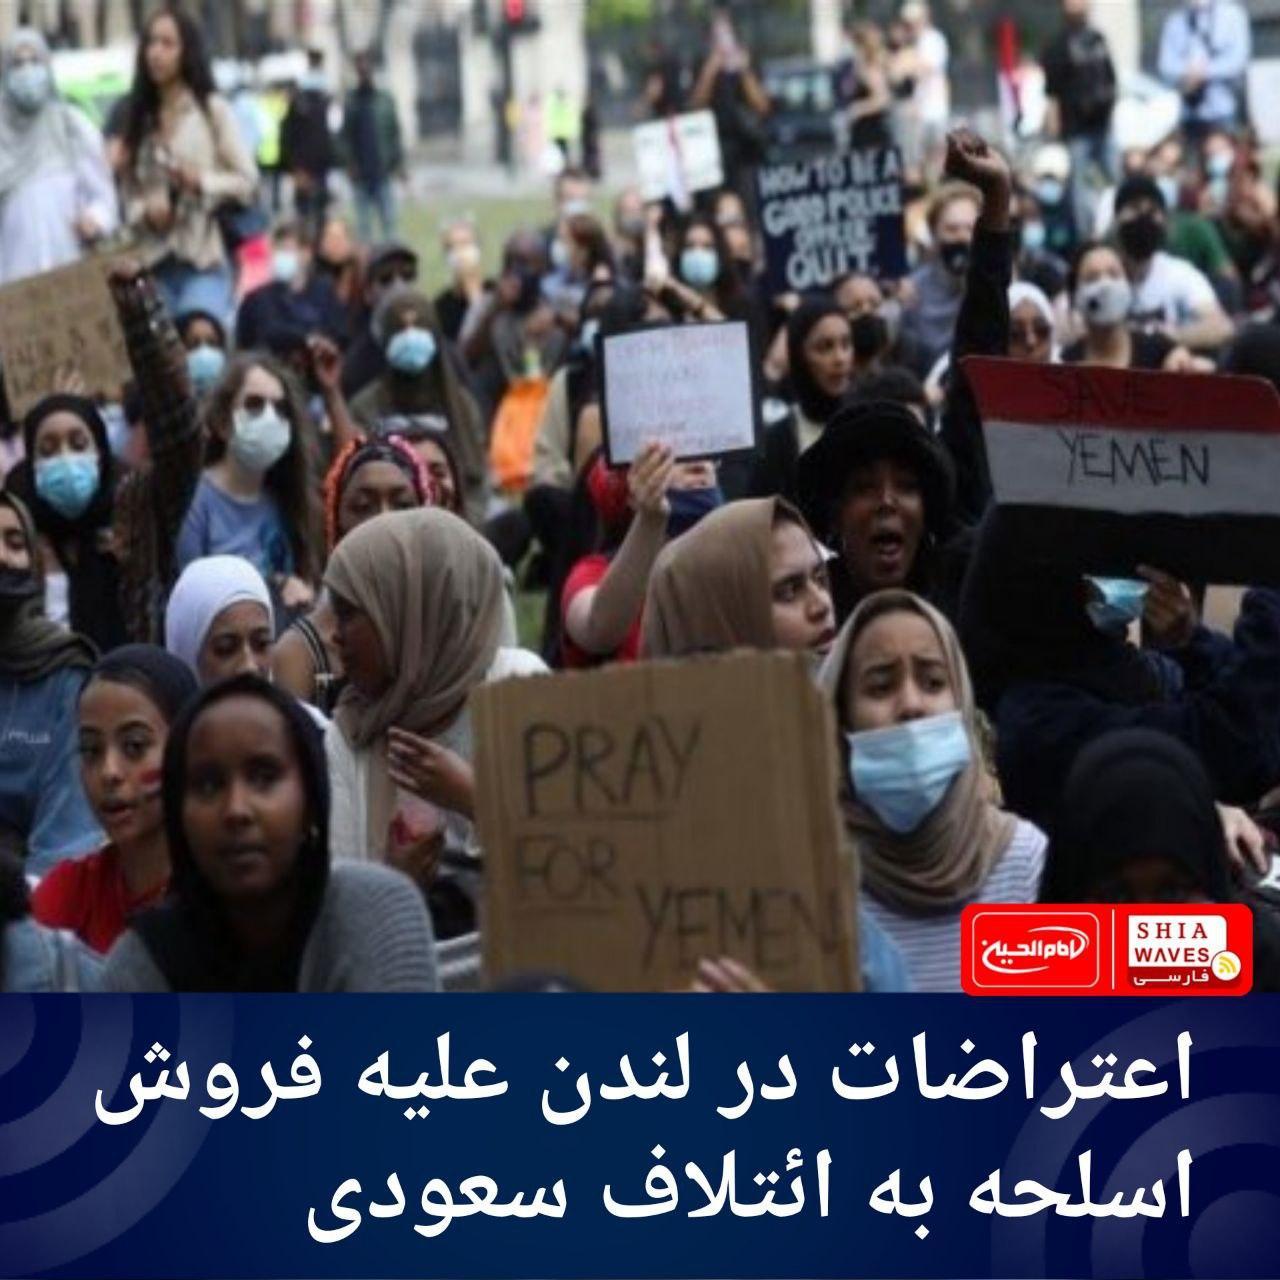 تصویر اعتراضات در لندن علیه فروش اسلحه به ائتلاف سعودی